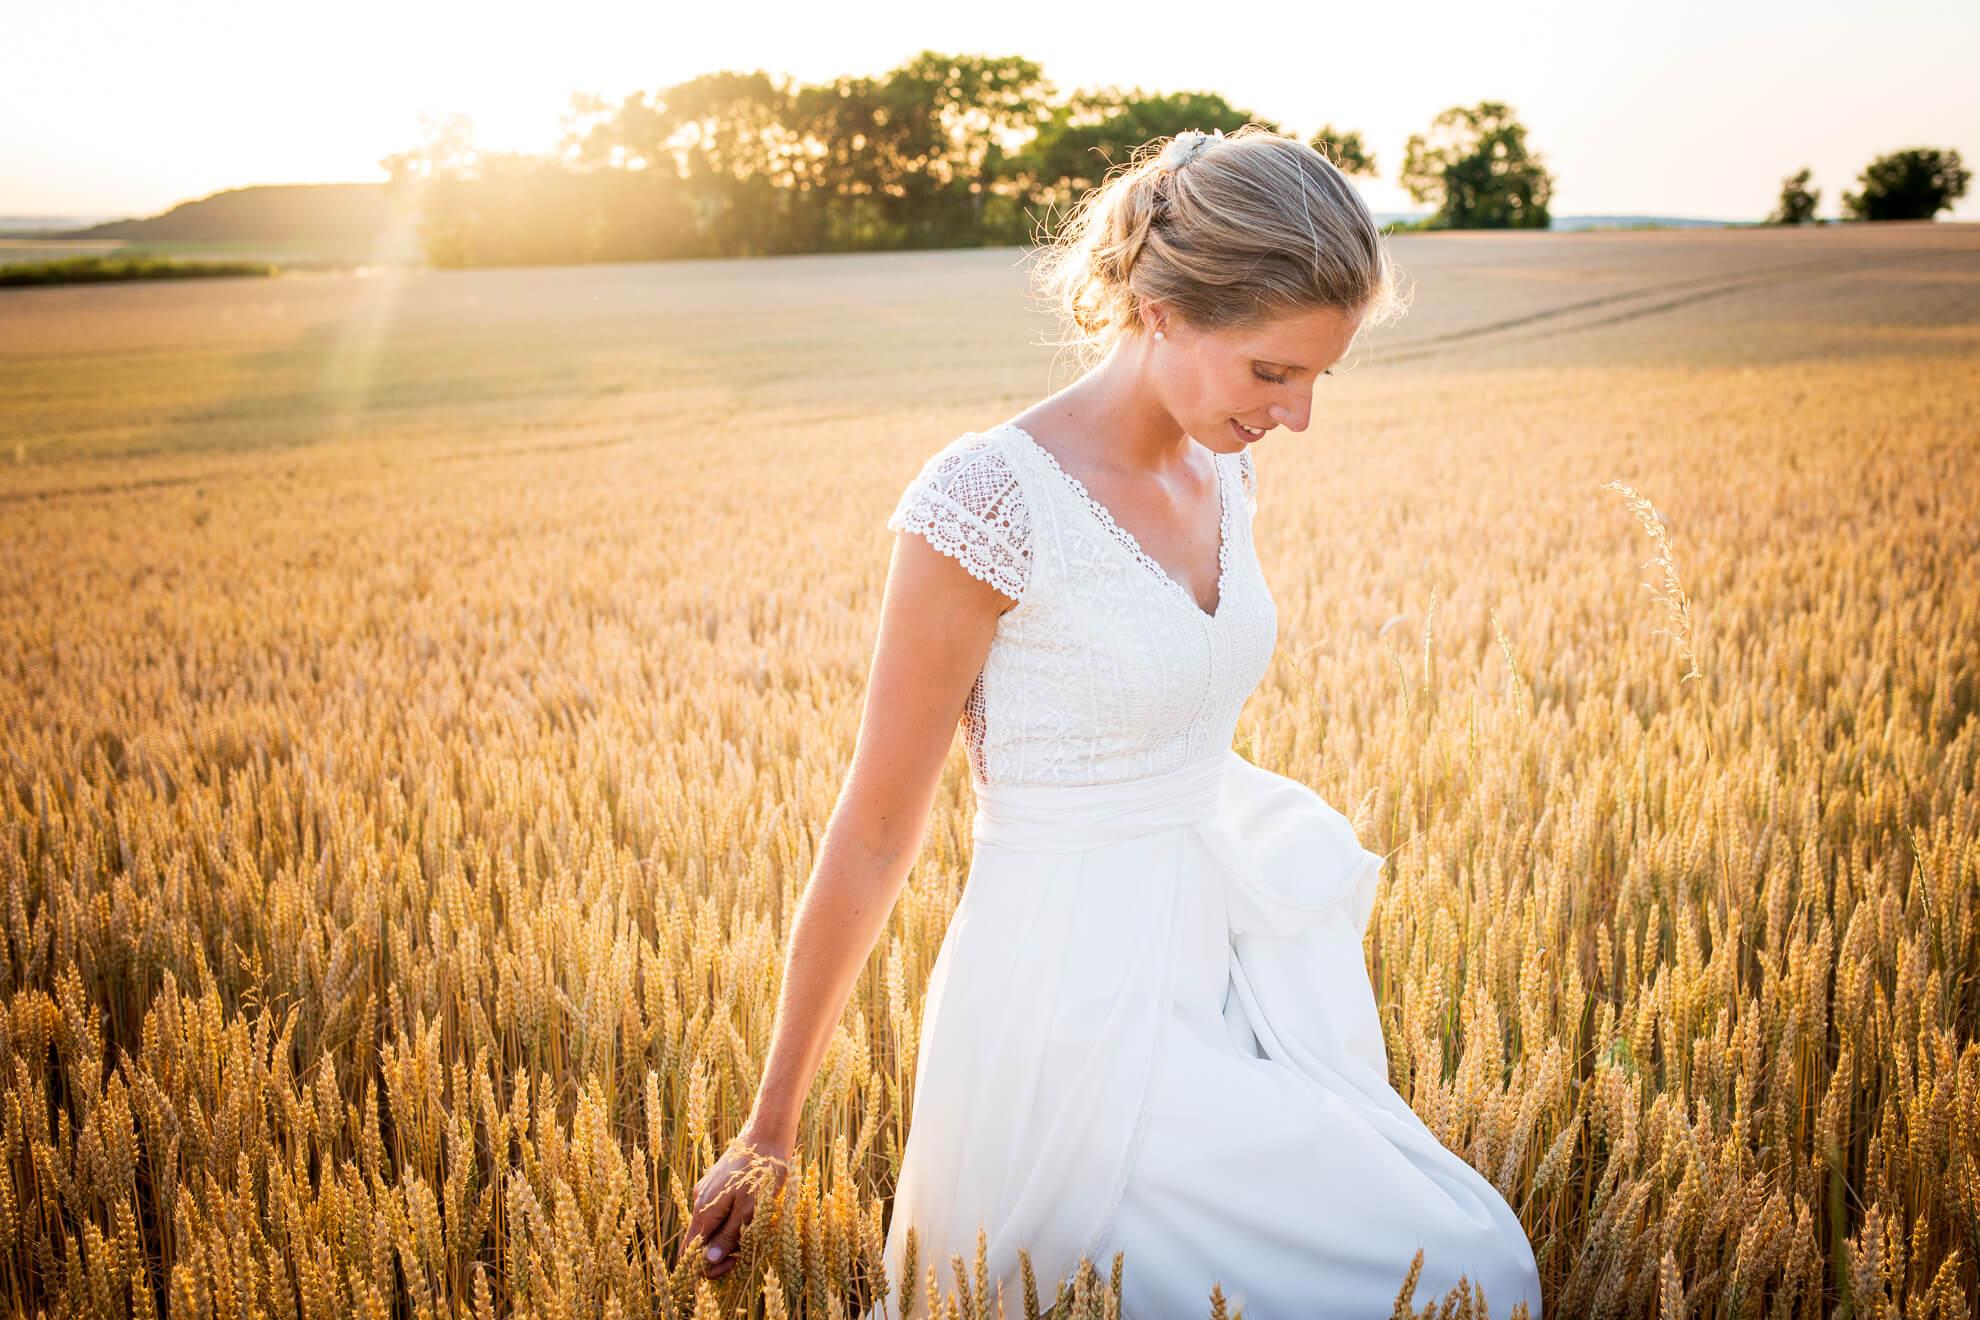 Mariée marchant dans les blés au soleil couchant